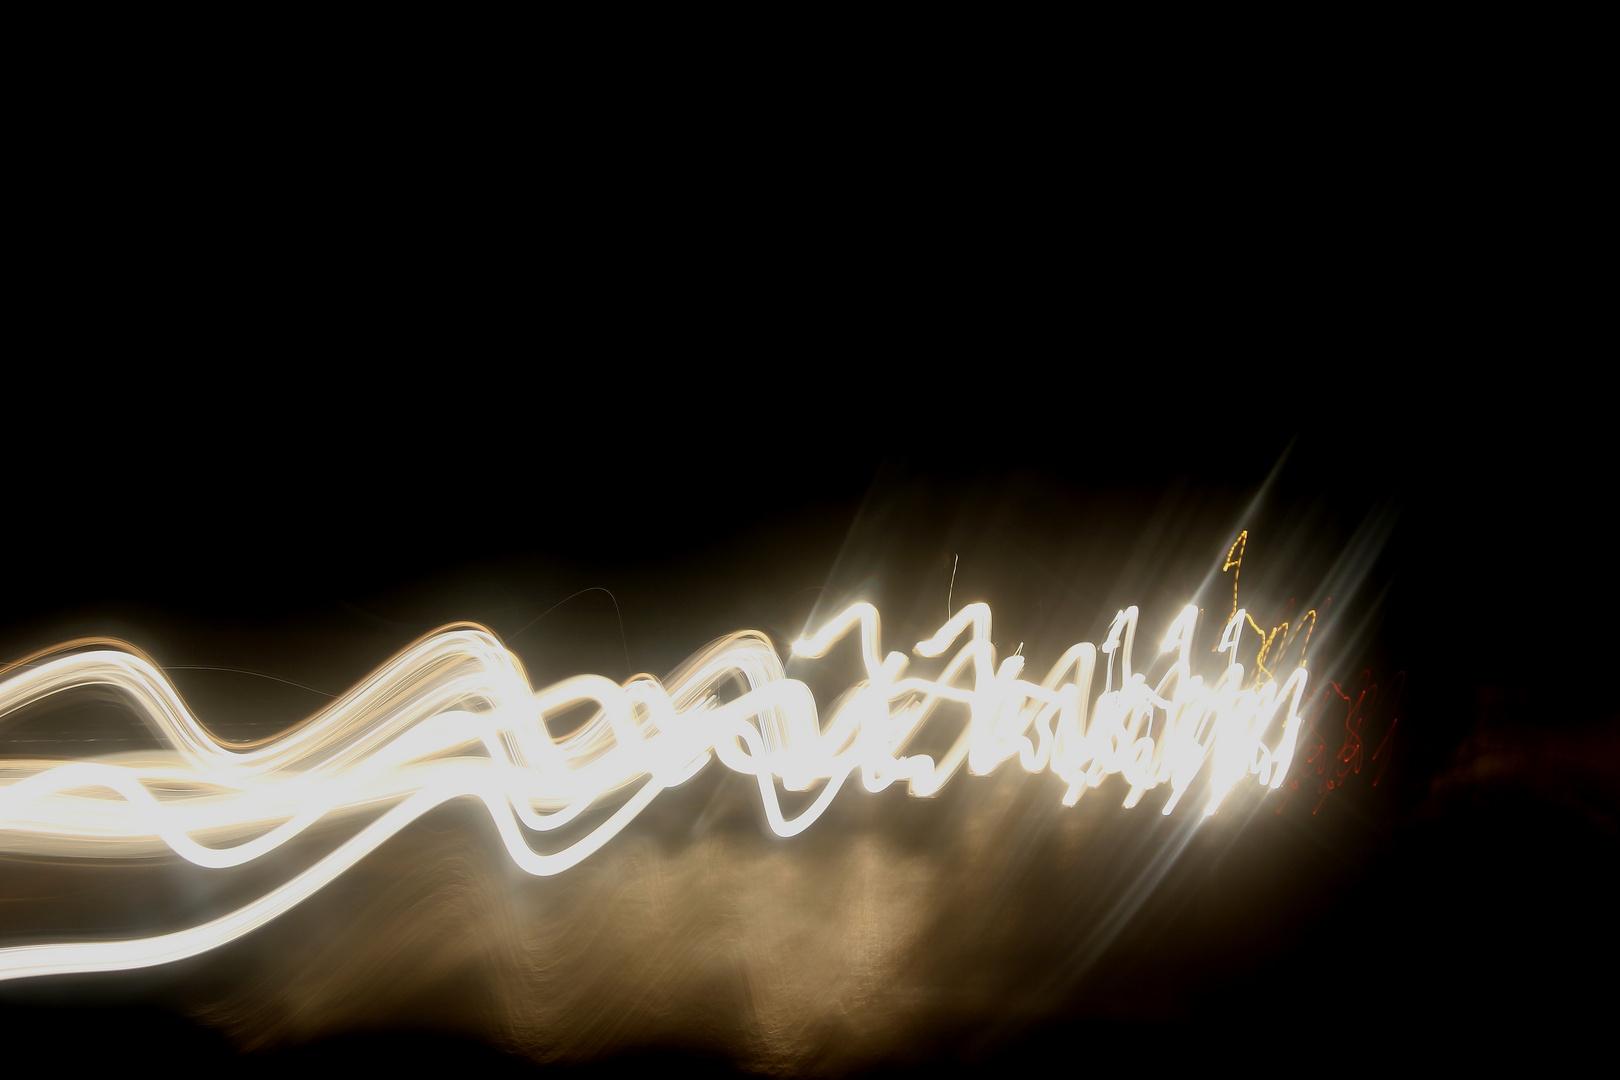 estela de luz